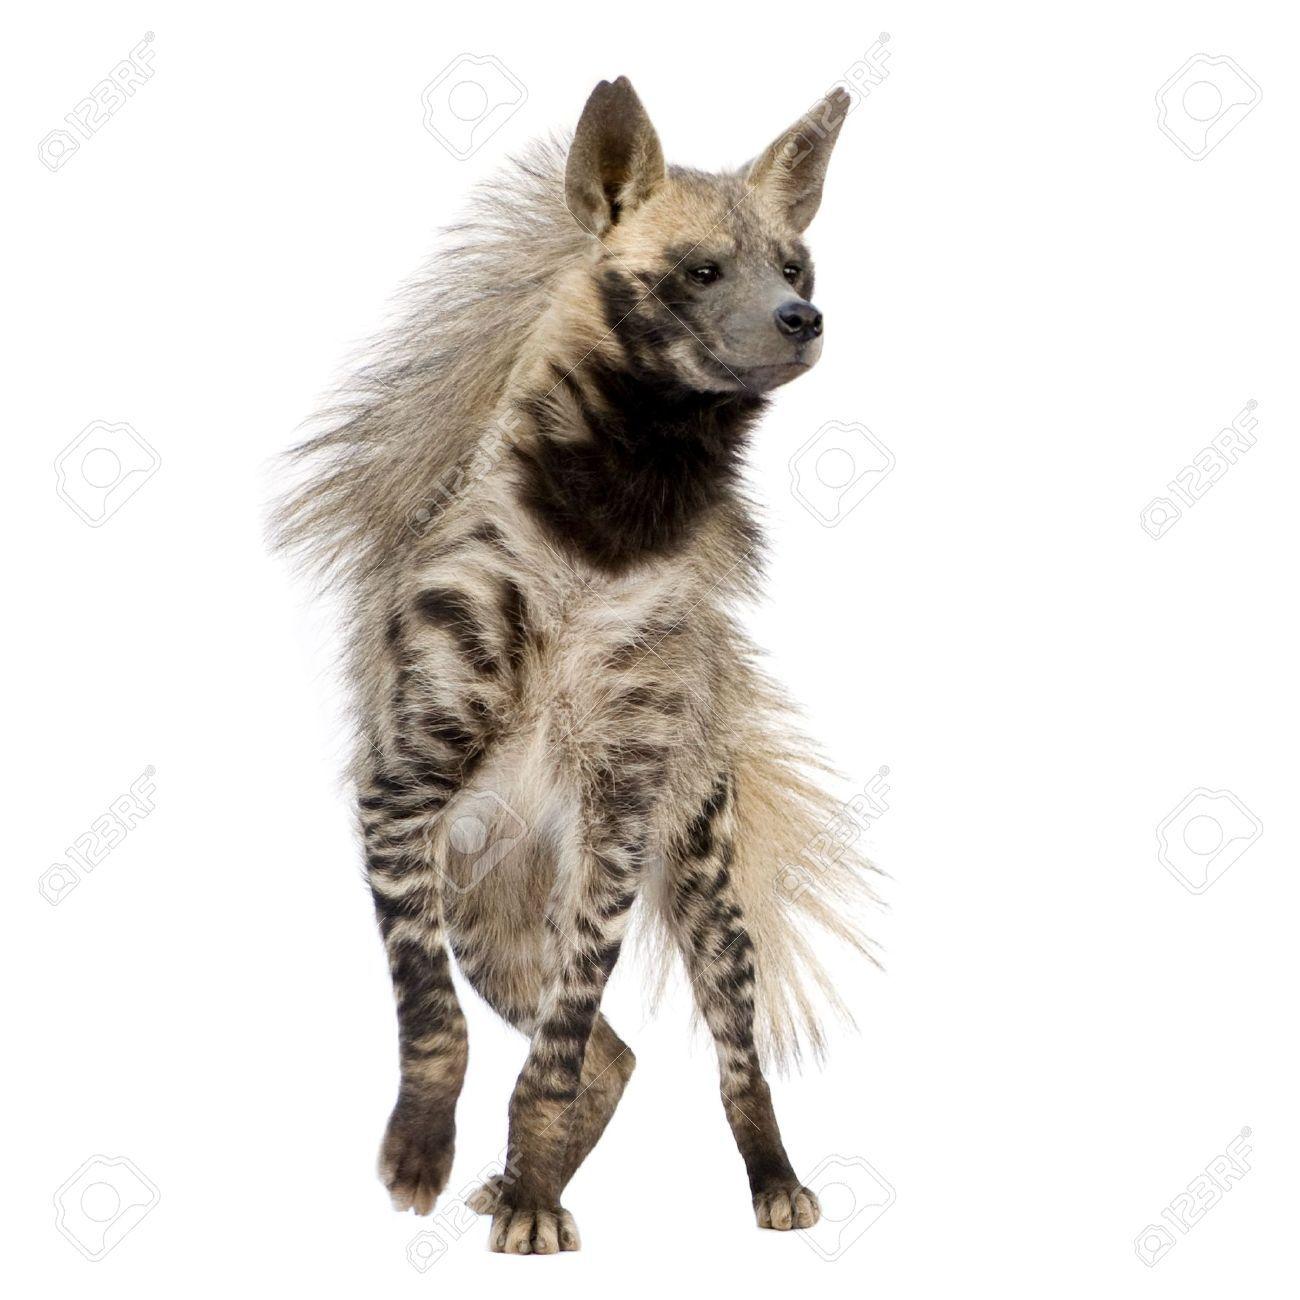 Hyena - Buscar con Google